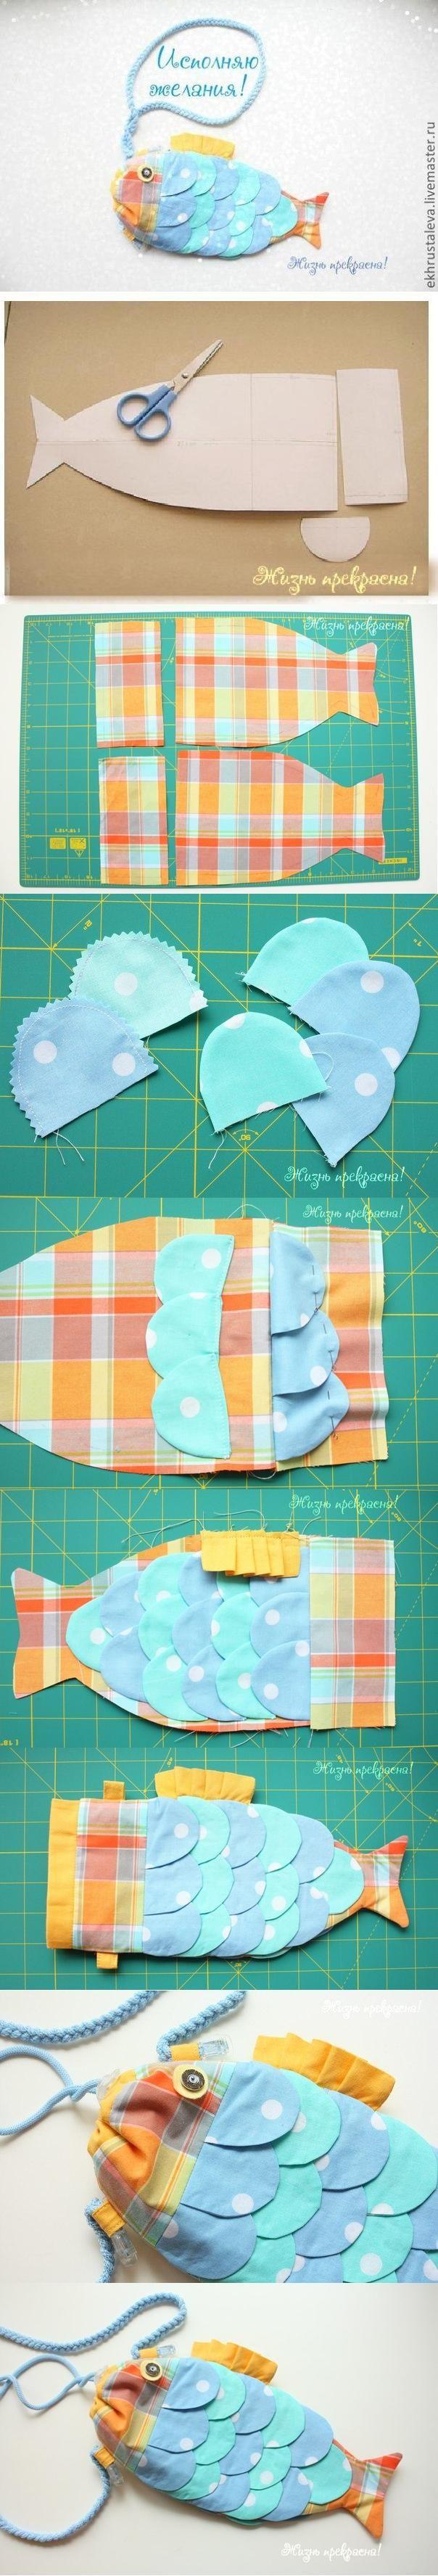 diy, diy projects, diy craft, handmade, diy ideas, diy children fish handbag - Folkvox - Imágenes que hablan de mí -